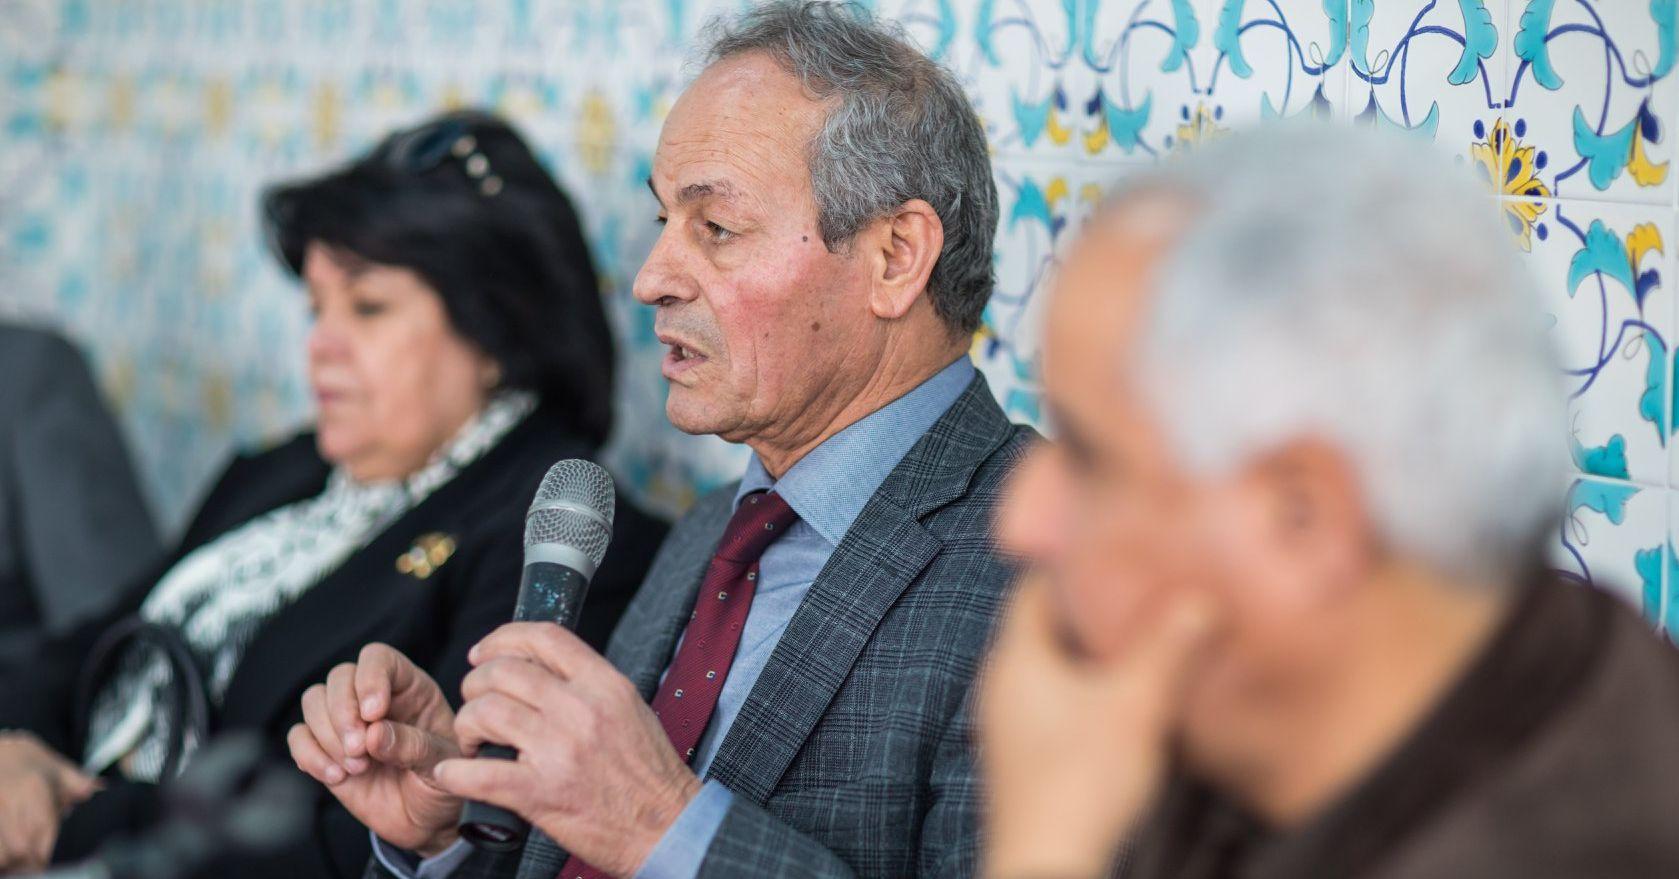 تعيين الدكتور مبروك المناعي مديرا لمعرض تونس الدولي للكتاب